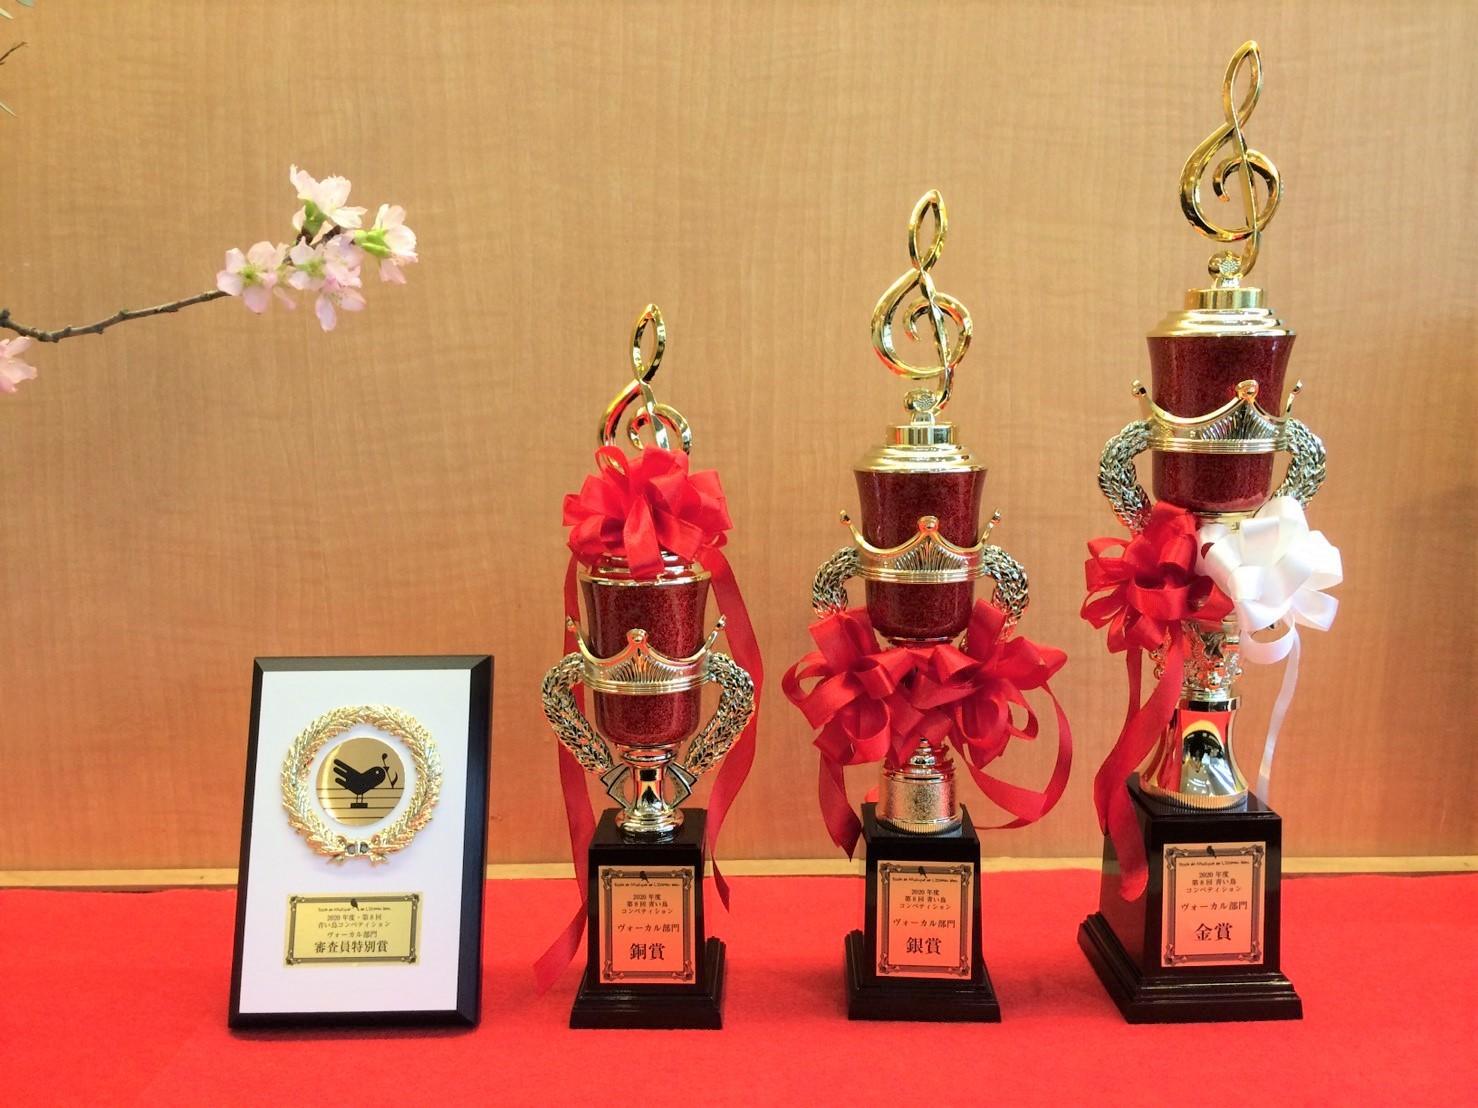 第8回青い鳥コンペティション 入賞者発表_c0150287_18552752.jpg